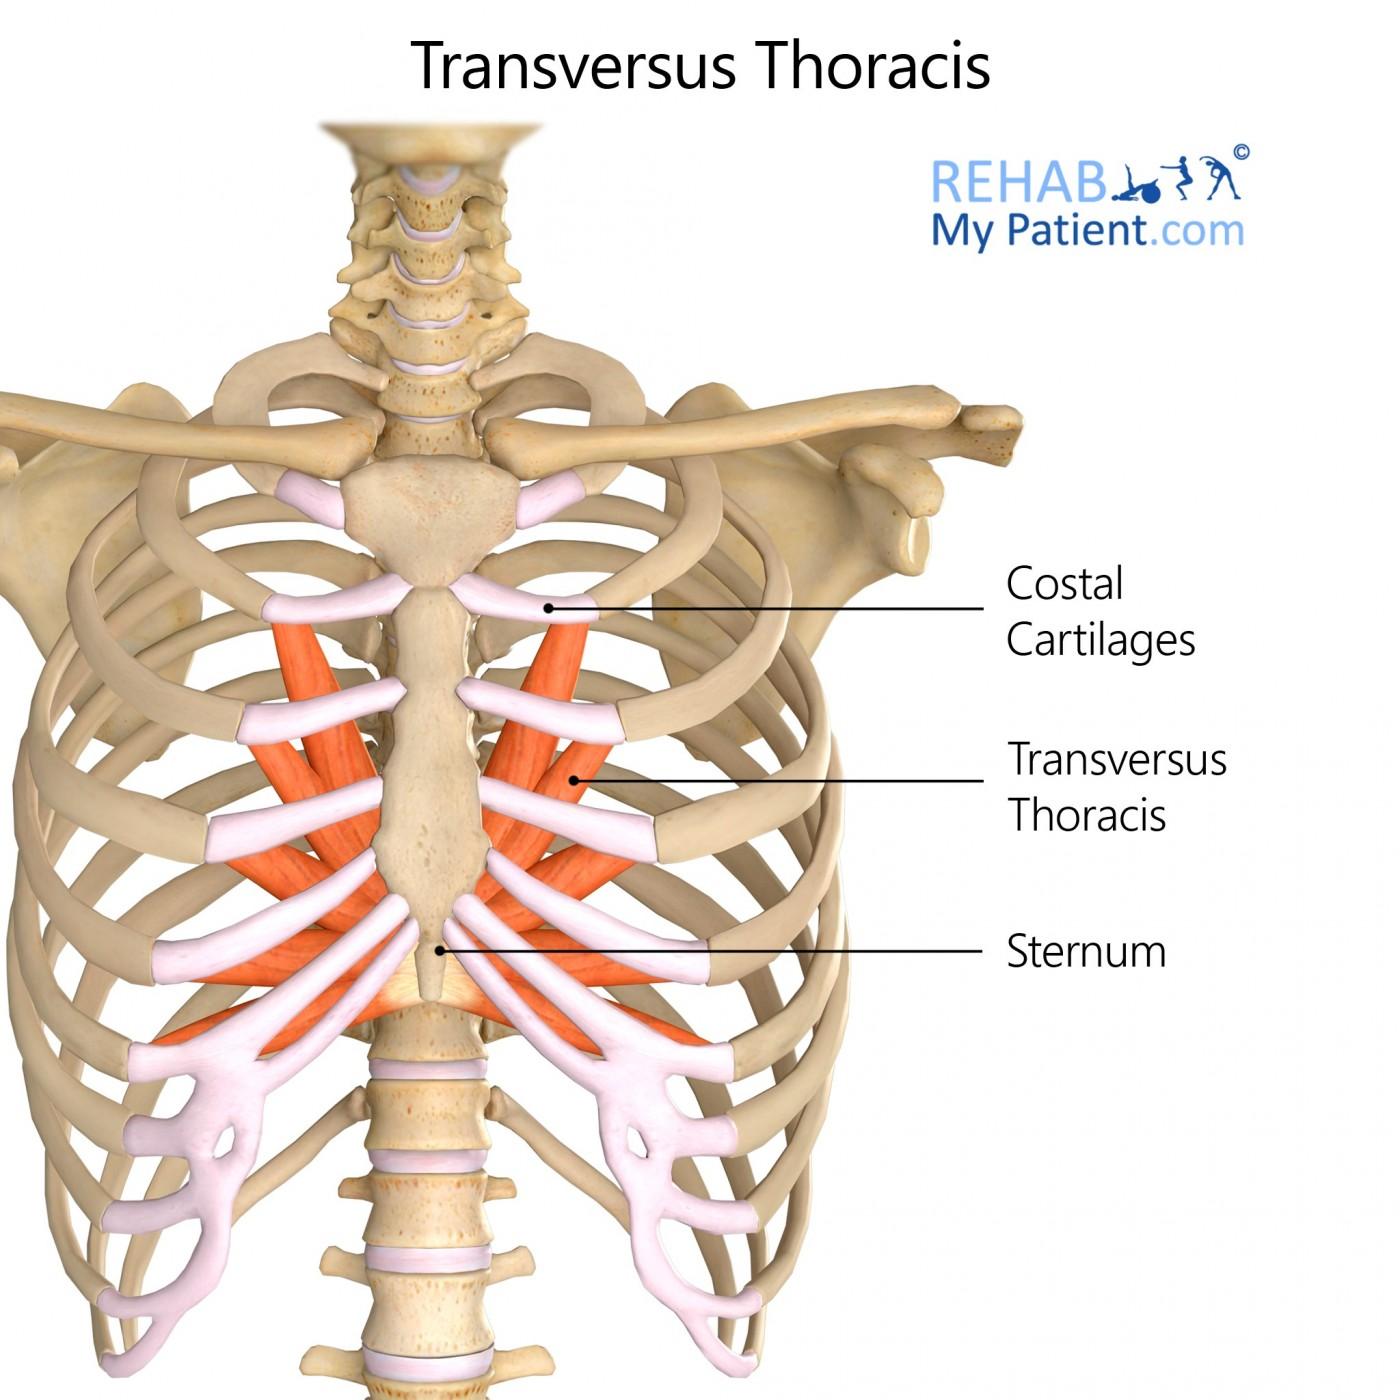 transversus thoracis